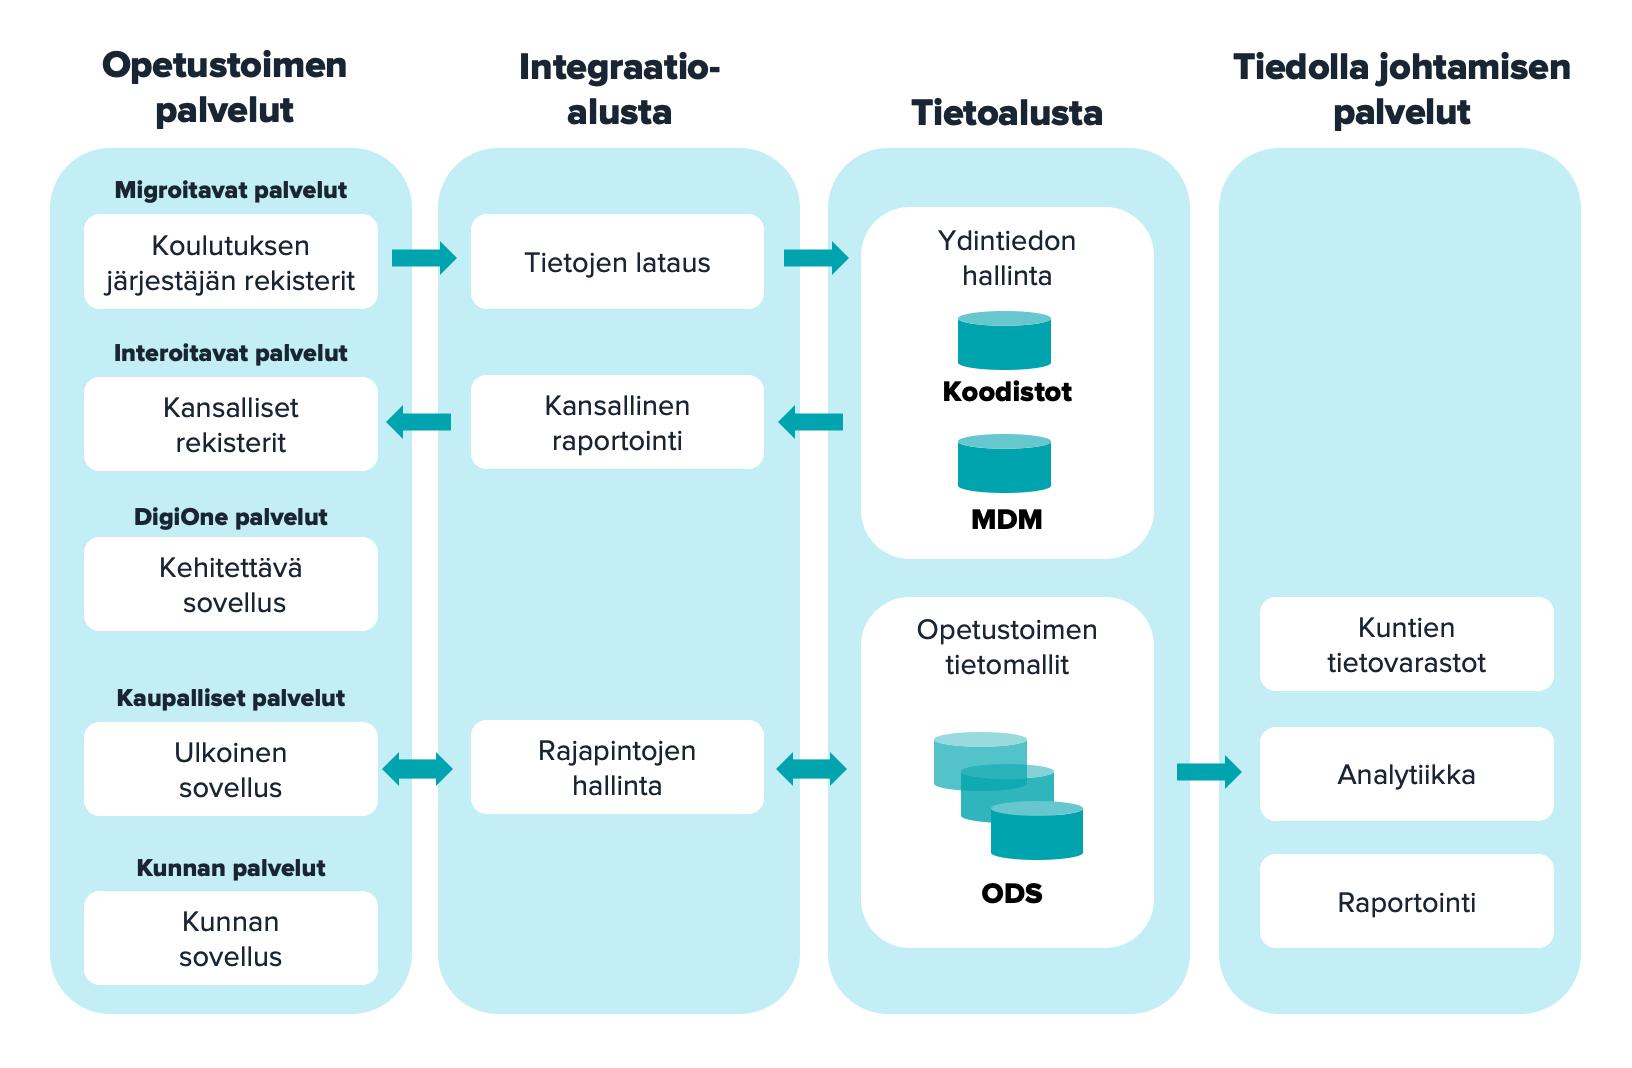 DigiOnen tietoalustalle tuodaan koulutuksen järjestäjän rekistereistä tietoja integraatioalustan kautta. Tietoalustalla tapahtuu ydintietodon hallinta, josta tietoa siirretään integroitaviin palveluihin, kuten kansallisiin rekistereihin. Opetutoimen tietomallit sijaitsevat tietoalustalla, joita hyödynnetään integraatioalusta käyttää ulkoisissa sovelluksissa sekä tiedolla johtamisen palveluissa.